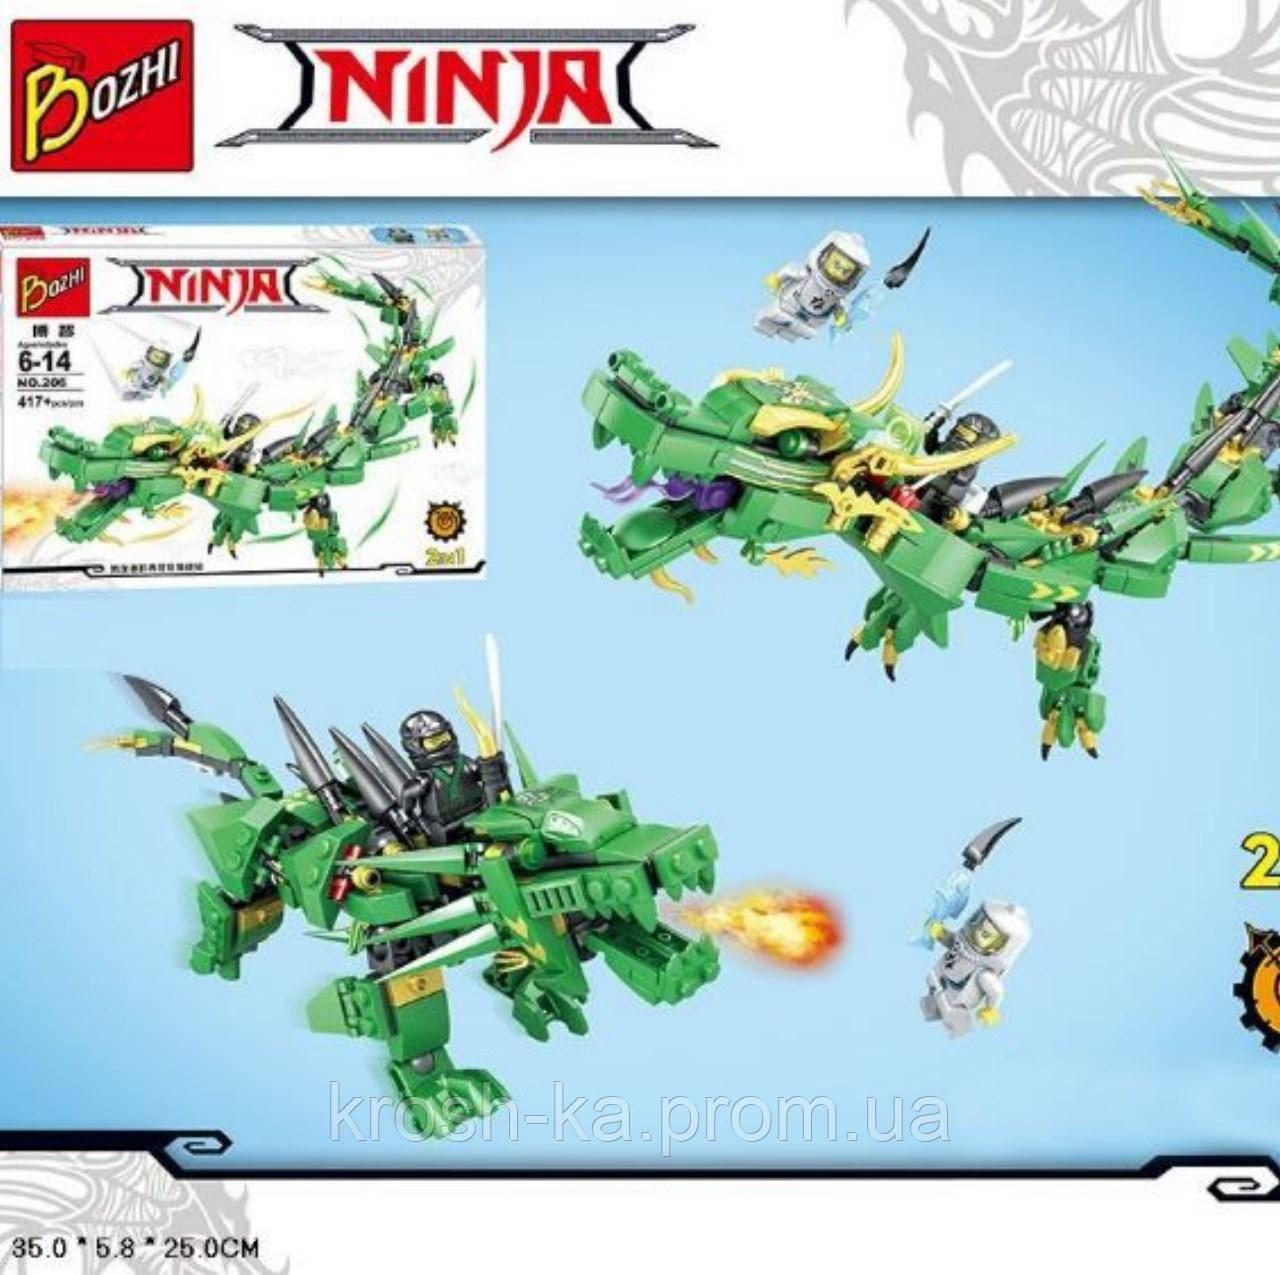 Конструктор Bozhi Ninja Дракон 417 деталей Китай 206